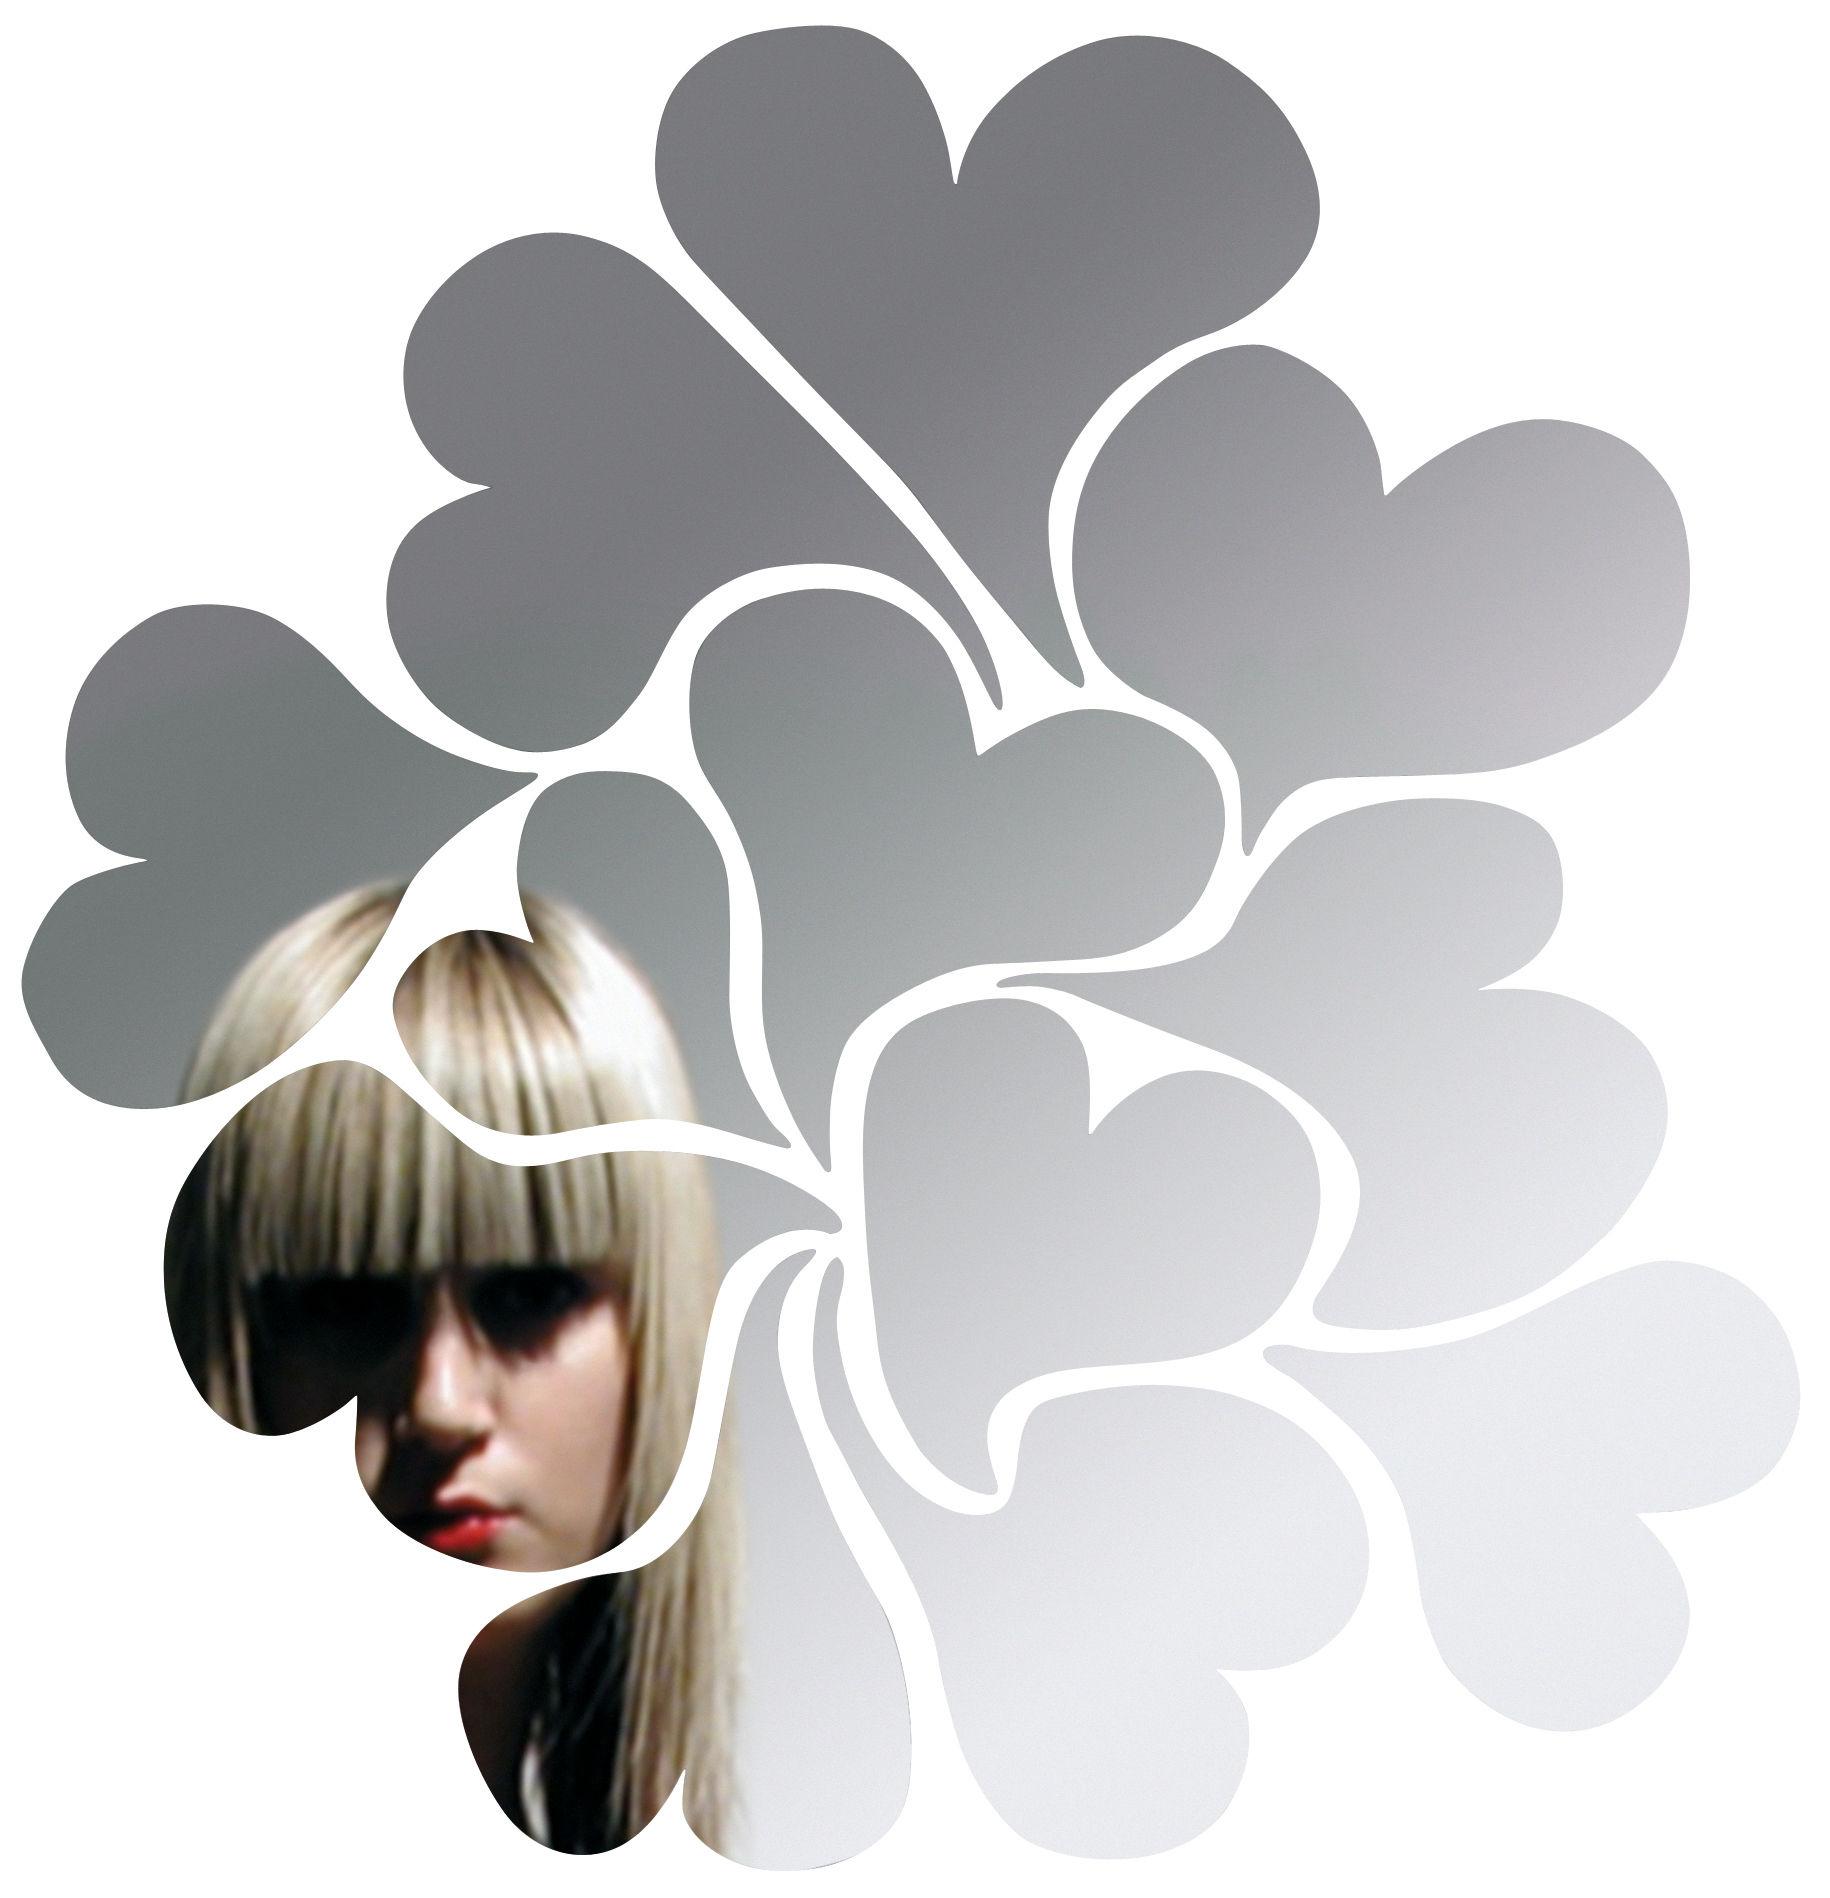 Mobilier - Miroirs - Miroir autocollant I love me / 50 x 50 cm - Domestic - I love me - Matière plastique